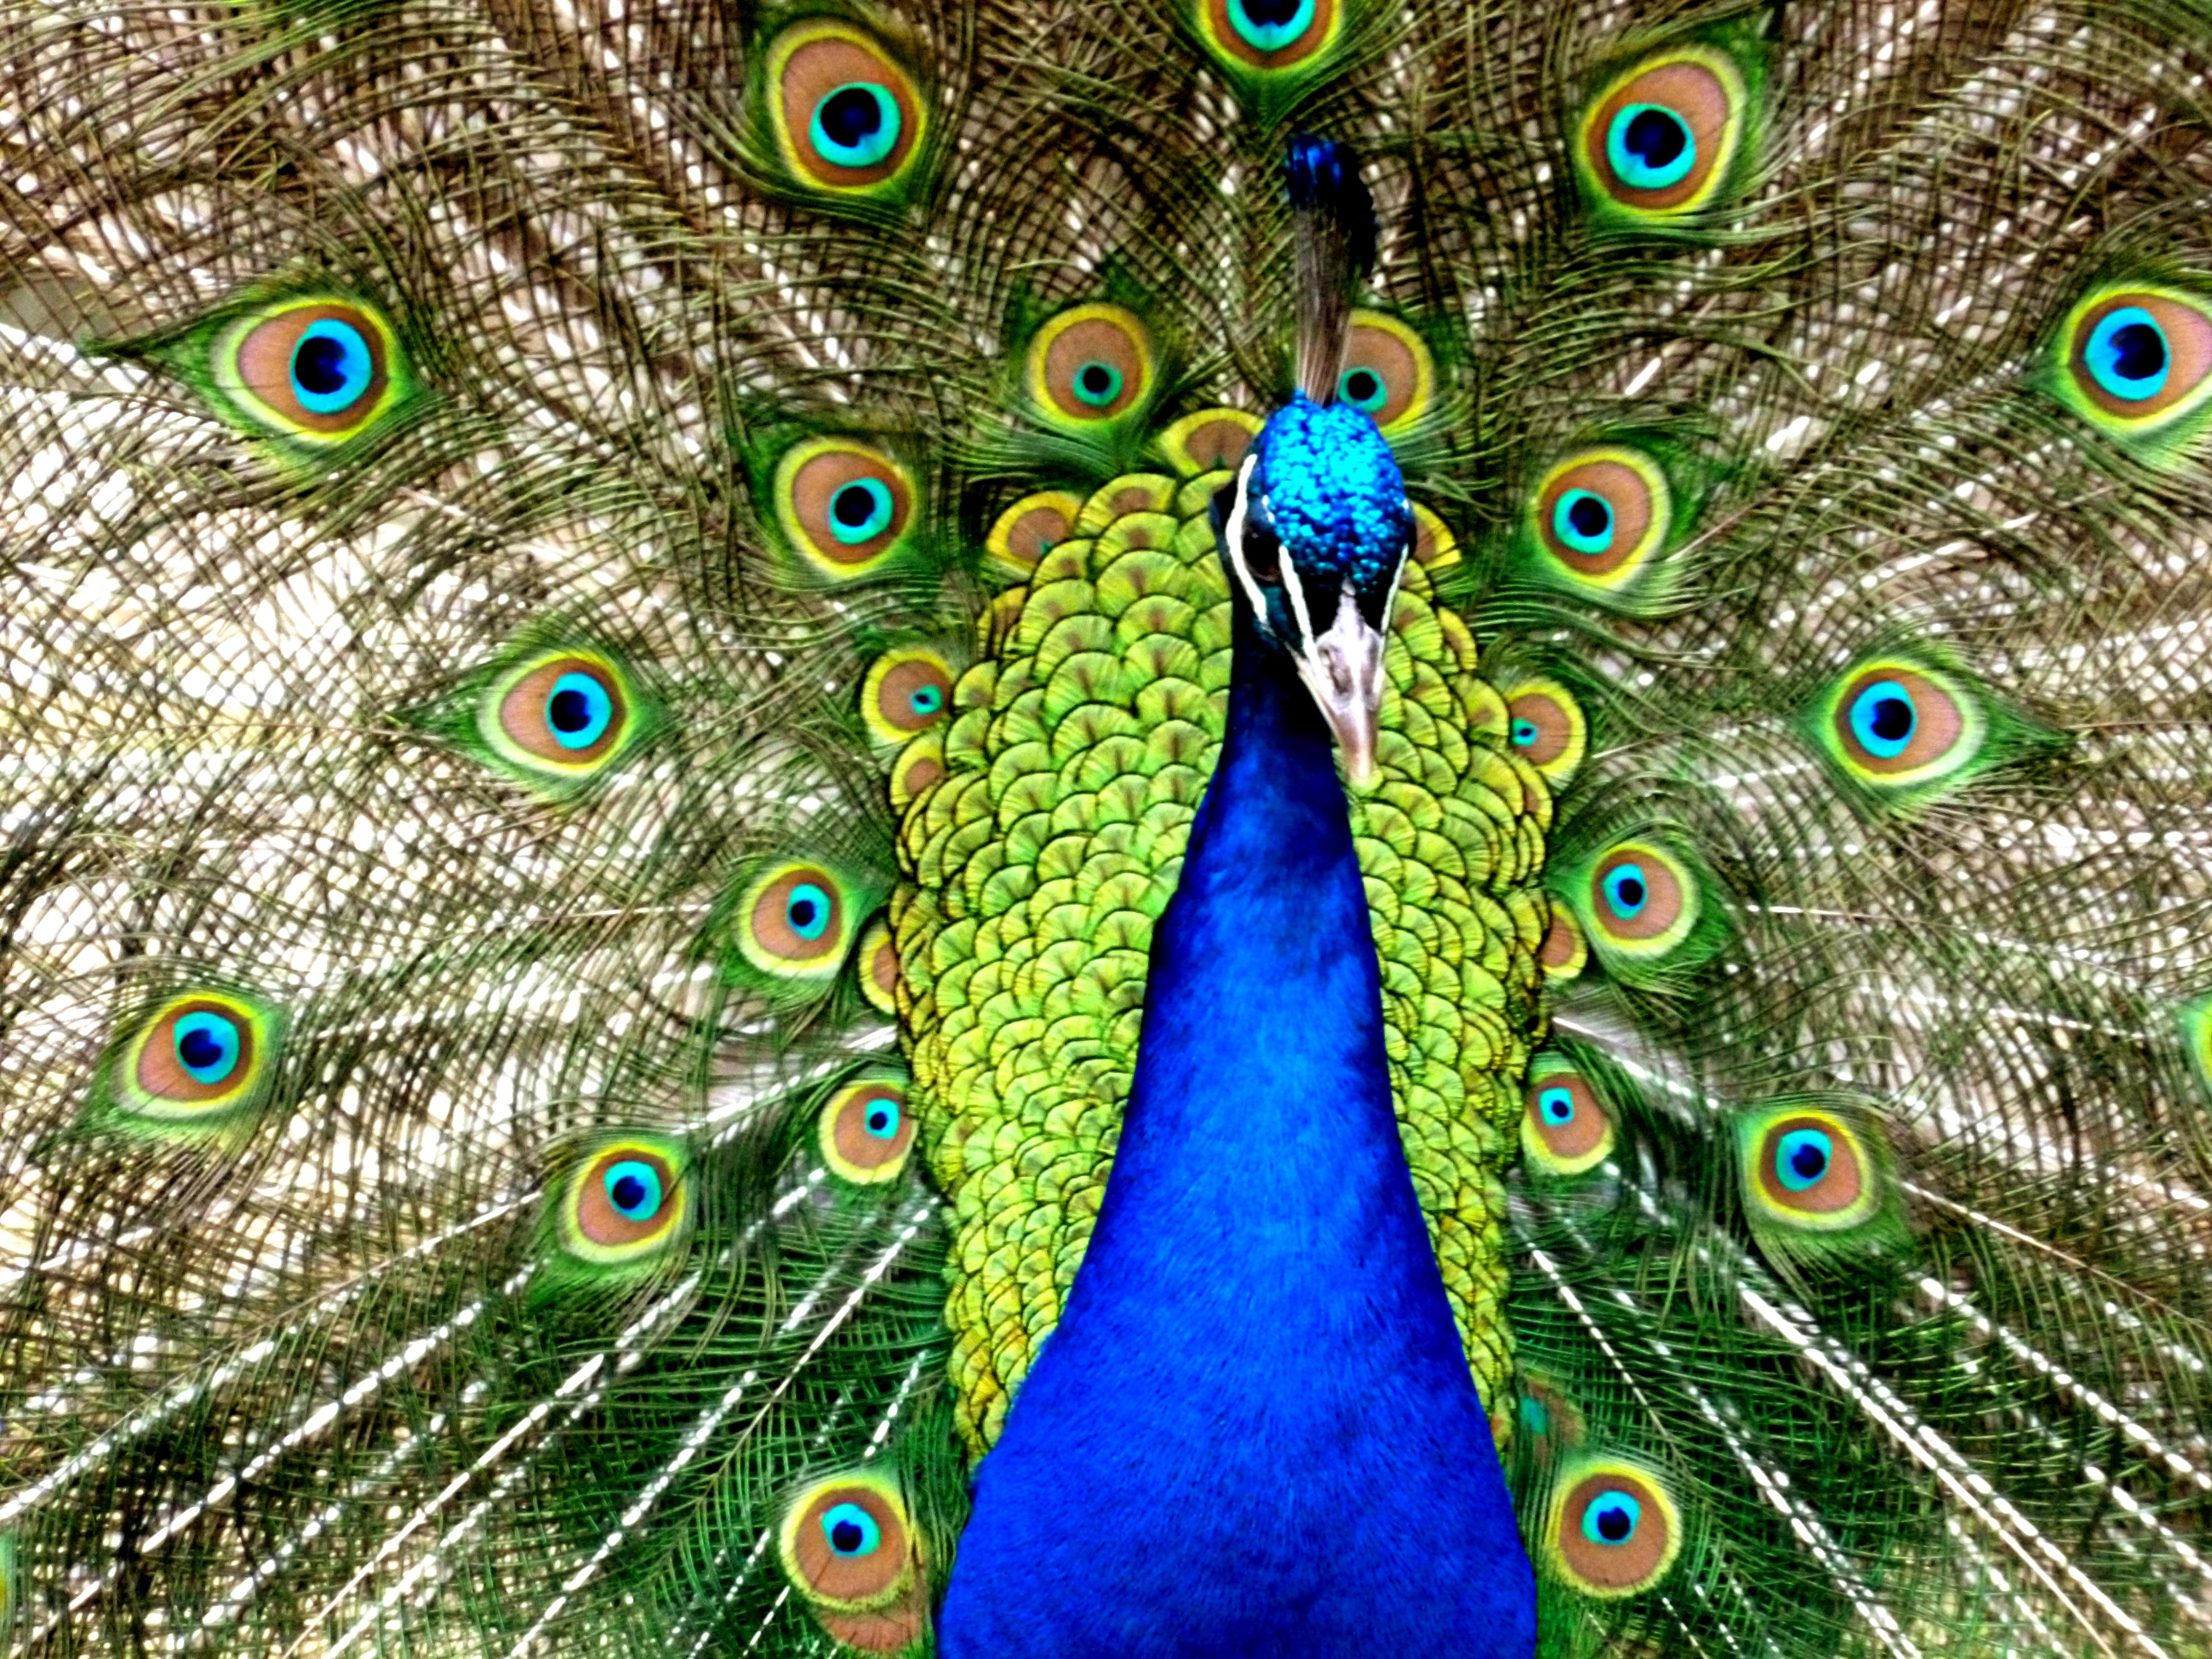 860+ Gambar Binatang Warna Hijau Gratis Terbaik